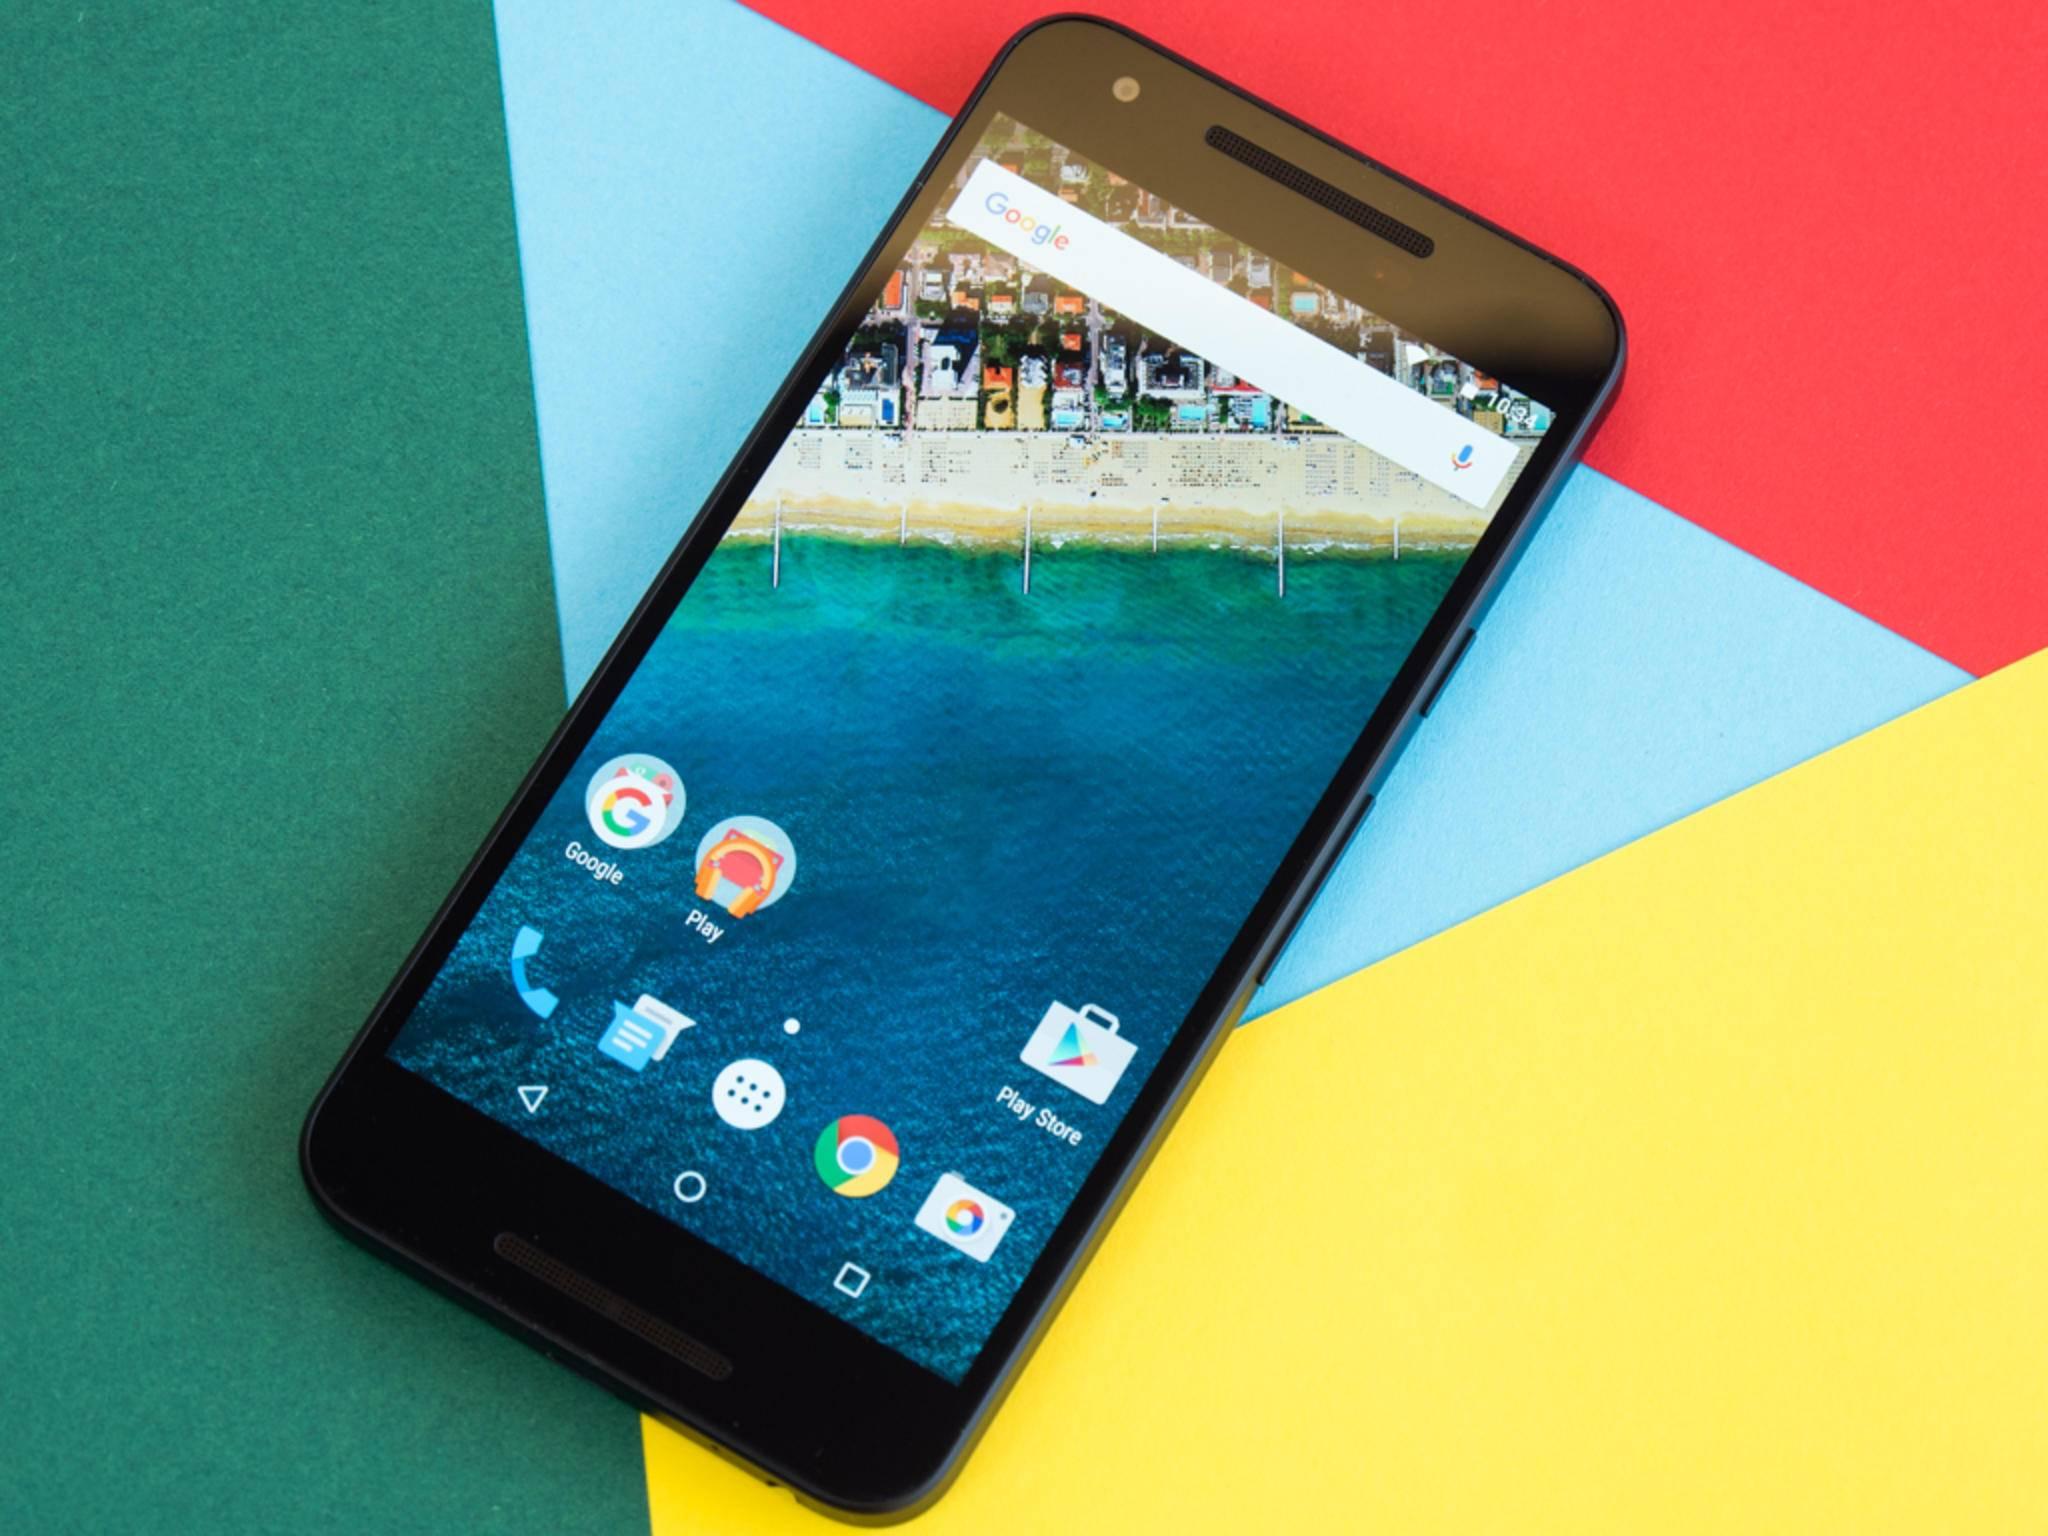 Das Nexus 5X ist eines der ersten Smartphones mit Android 6.